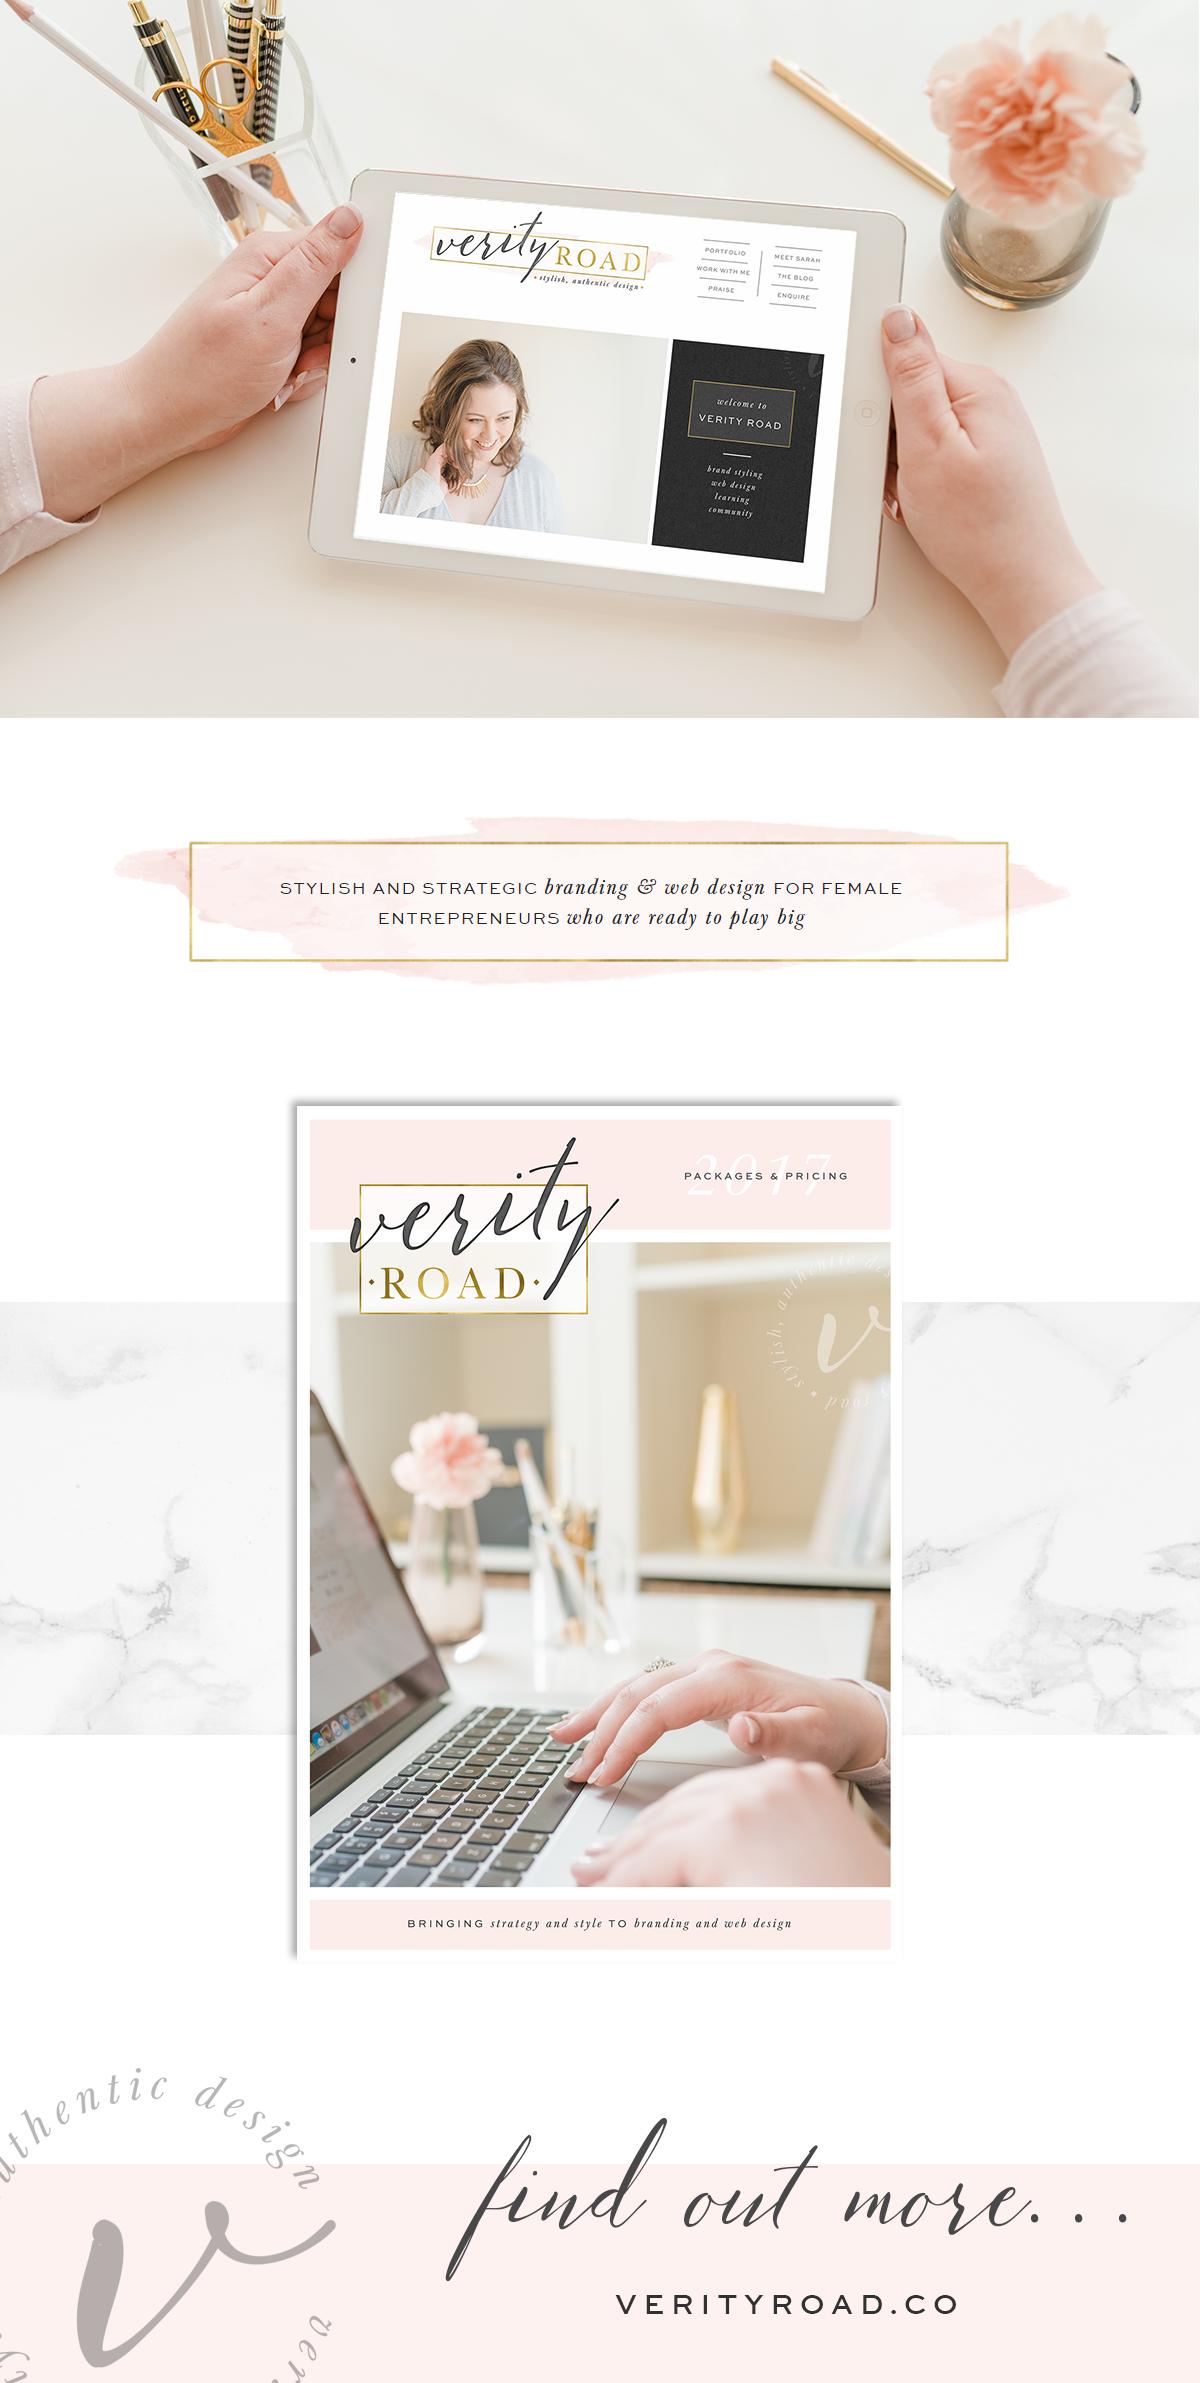 Brand Web Design Verity Road Luxury Branding For Female Entrepreneurs Branding Web Design Business Logo Design